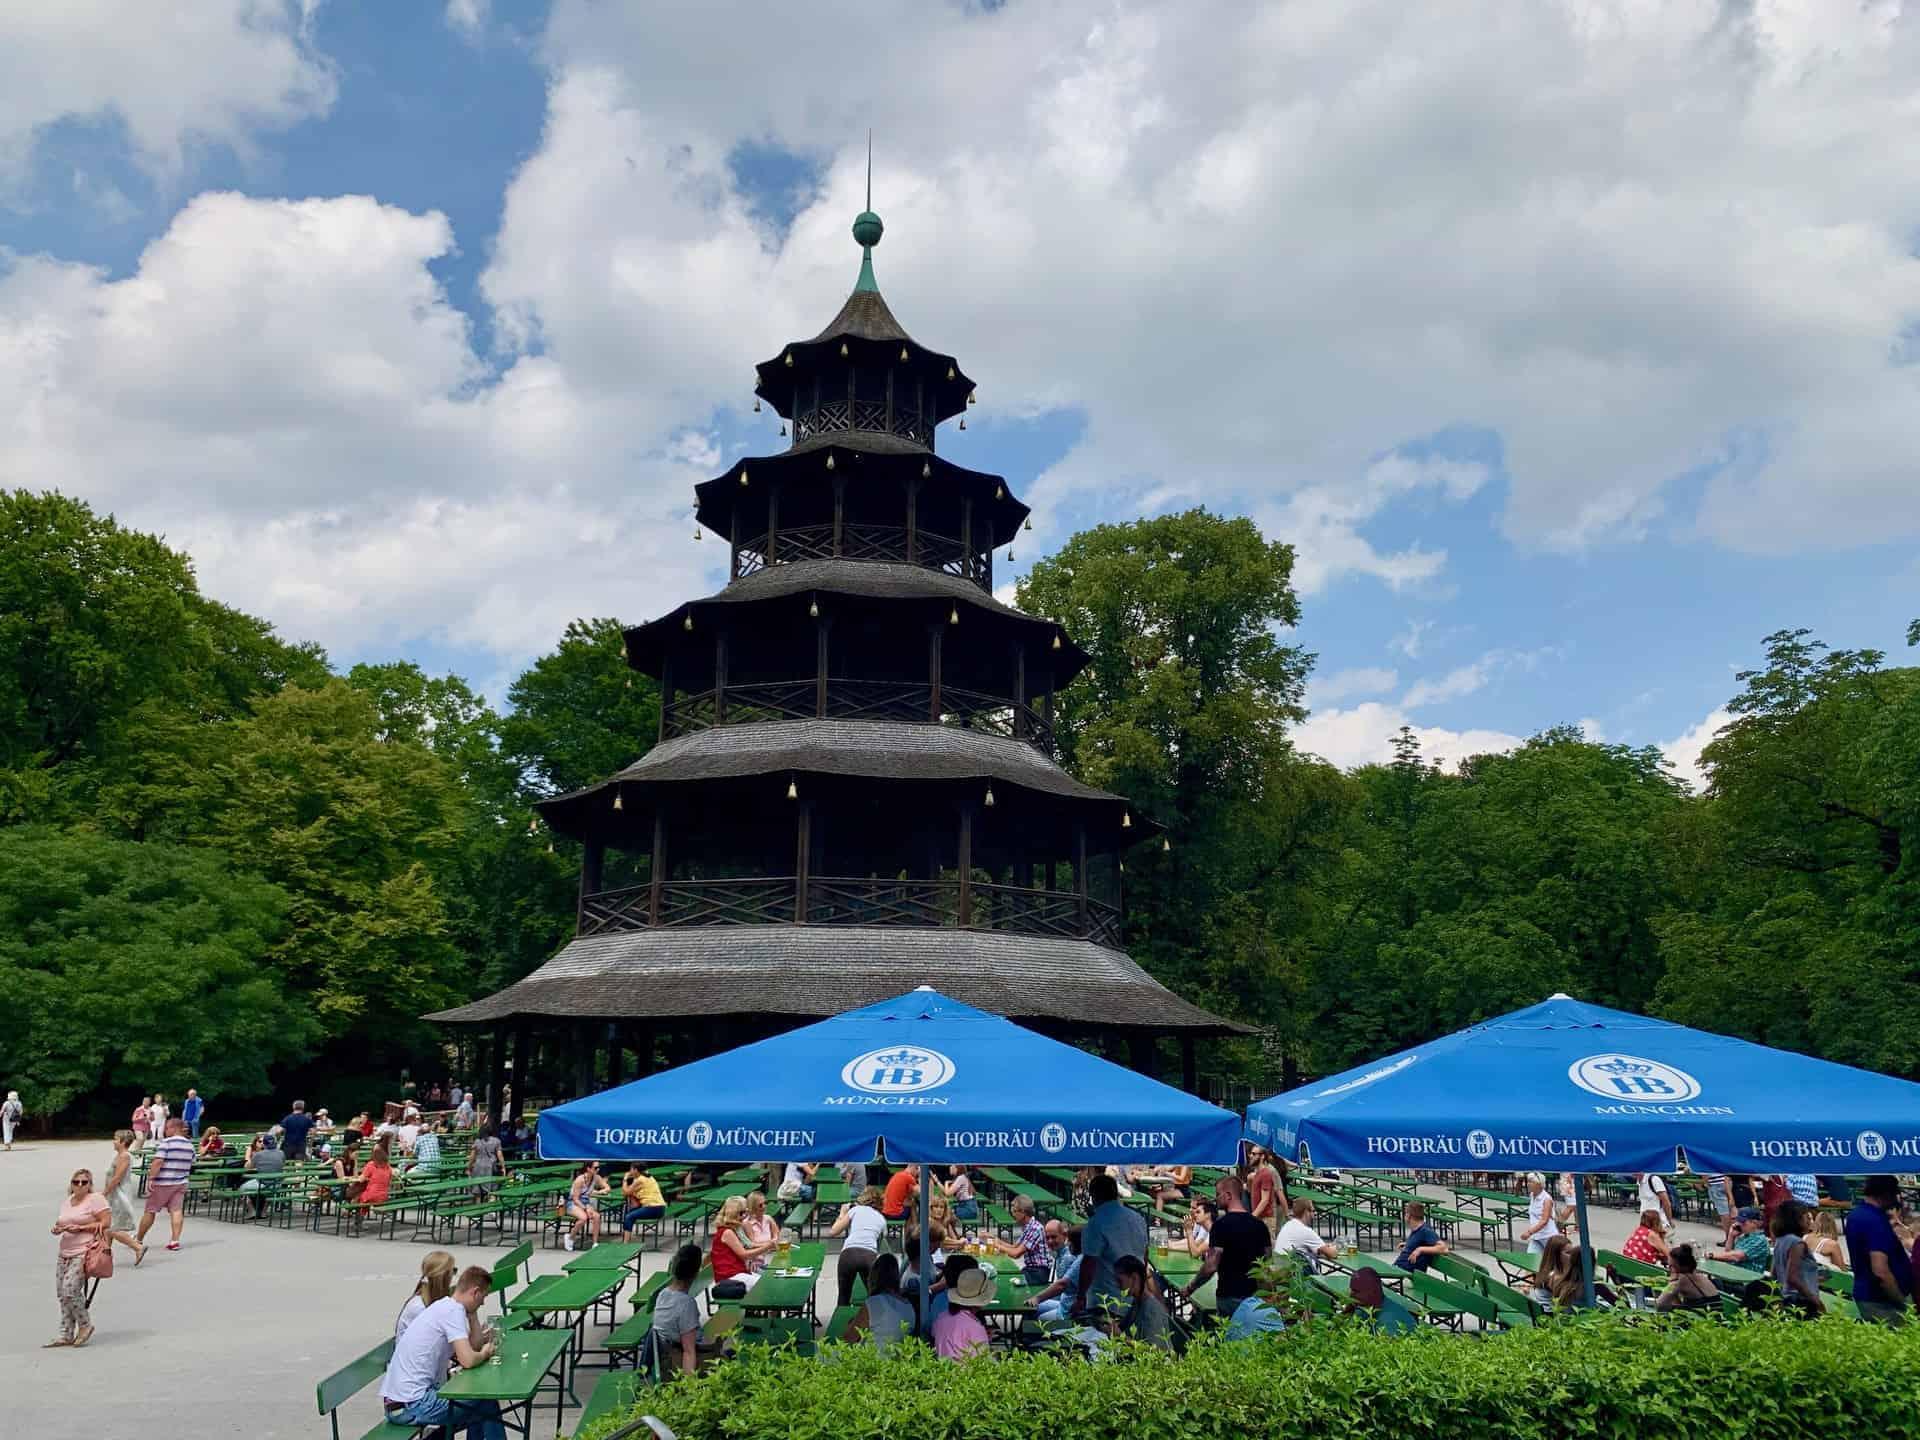 München_Biergarten_Chinesischer_Turm_vom_Englischen_Garten